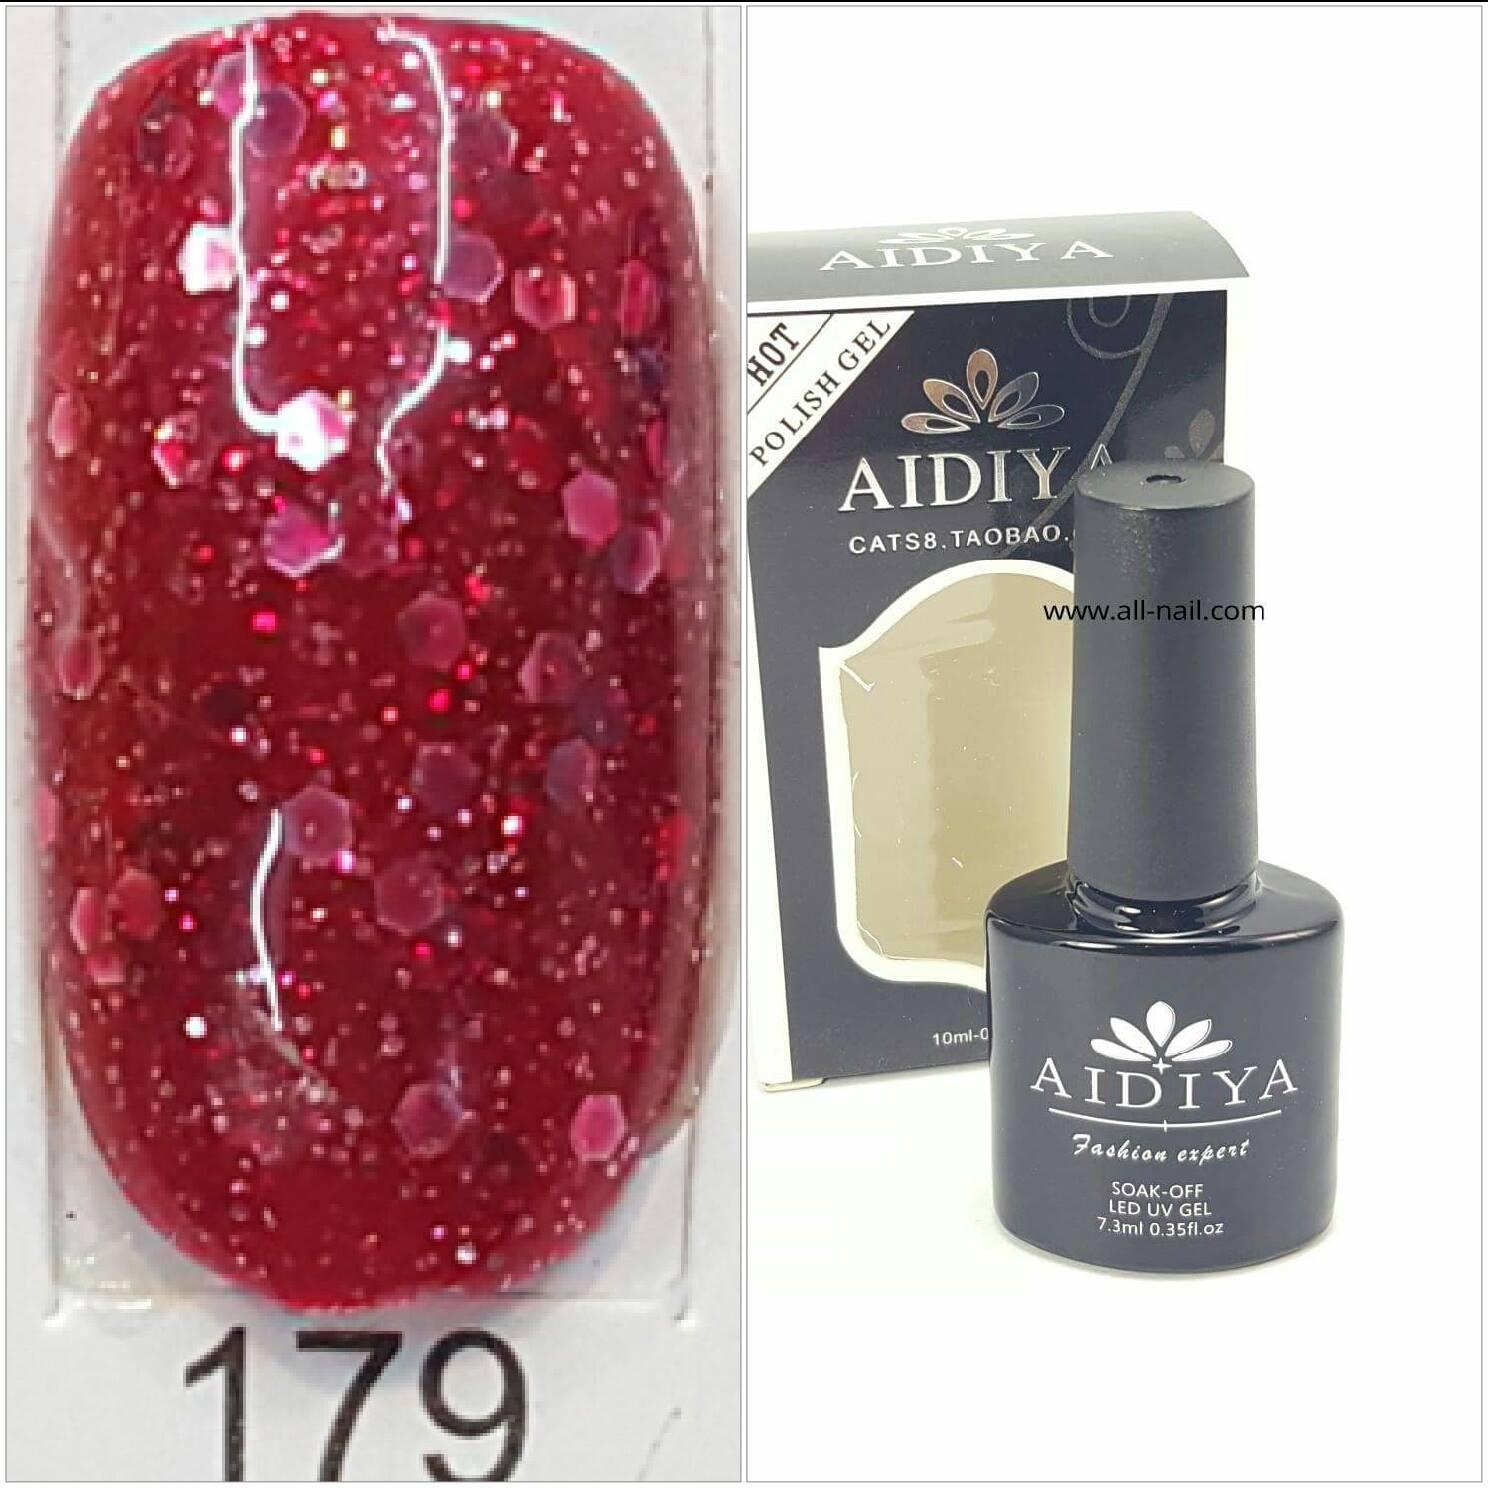 สีเจลทาเล็บ AIDIYA #179